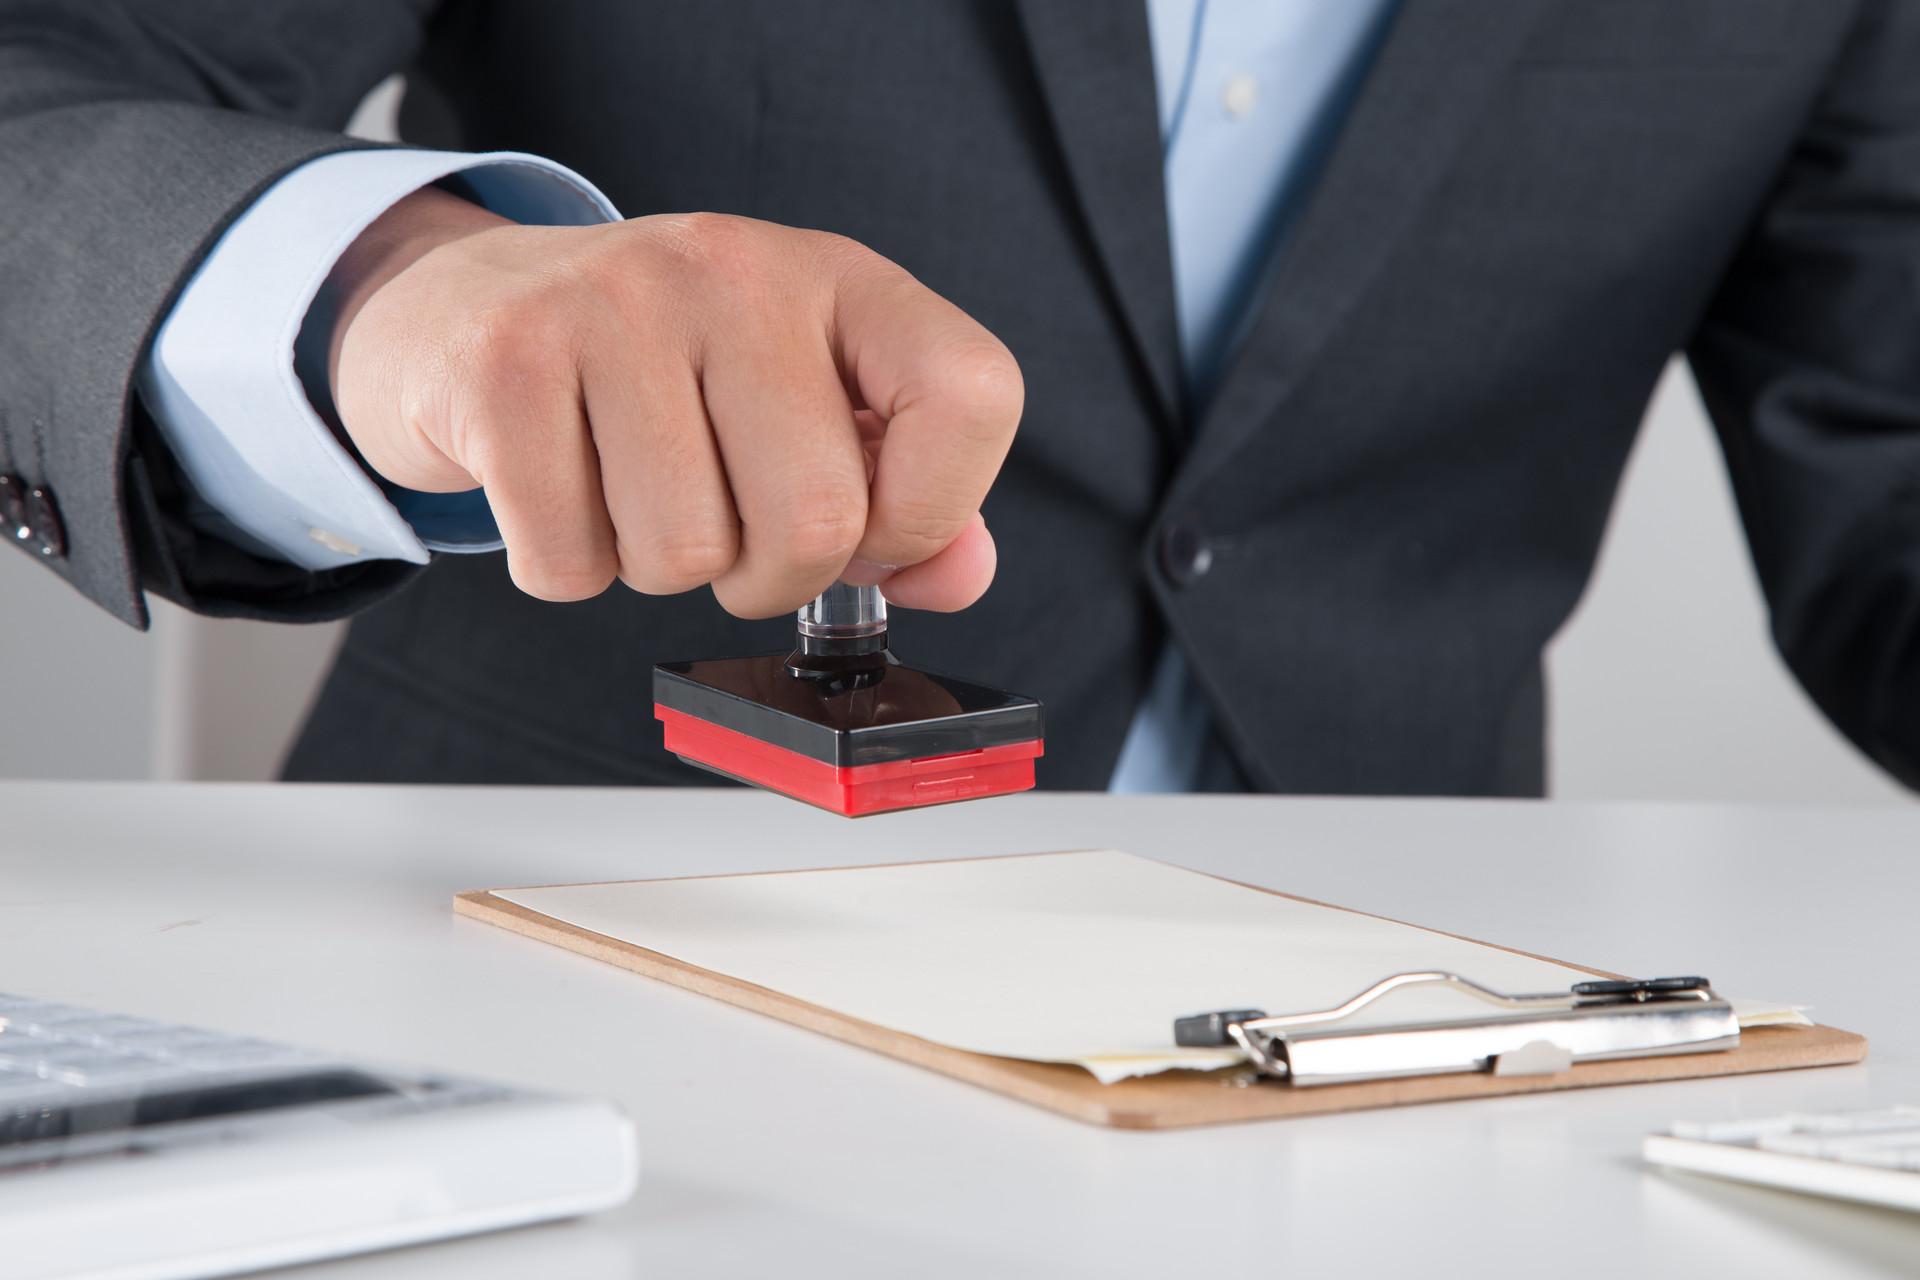 葉林:新證券法聚焦五方面制度創新